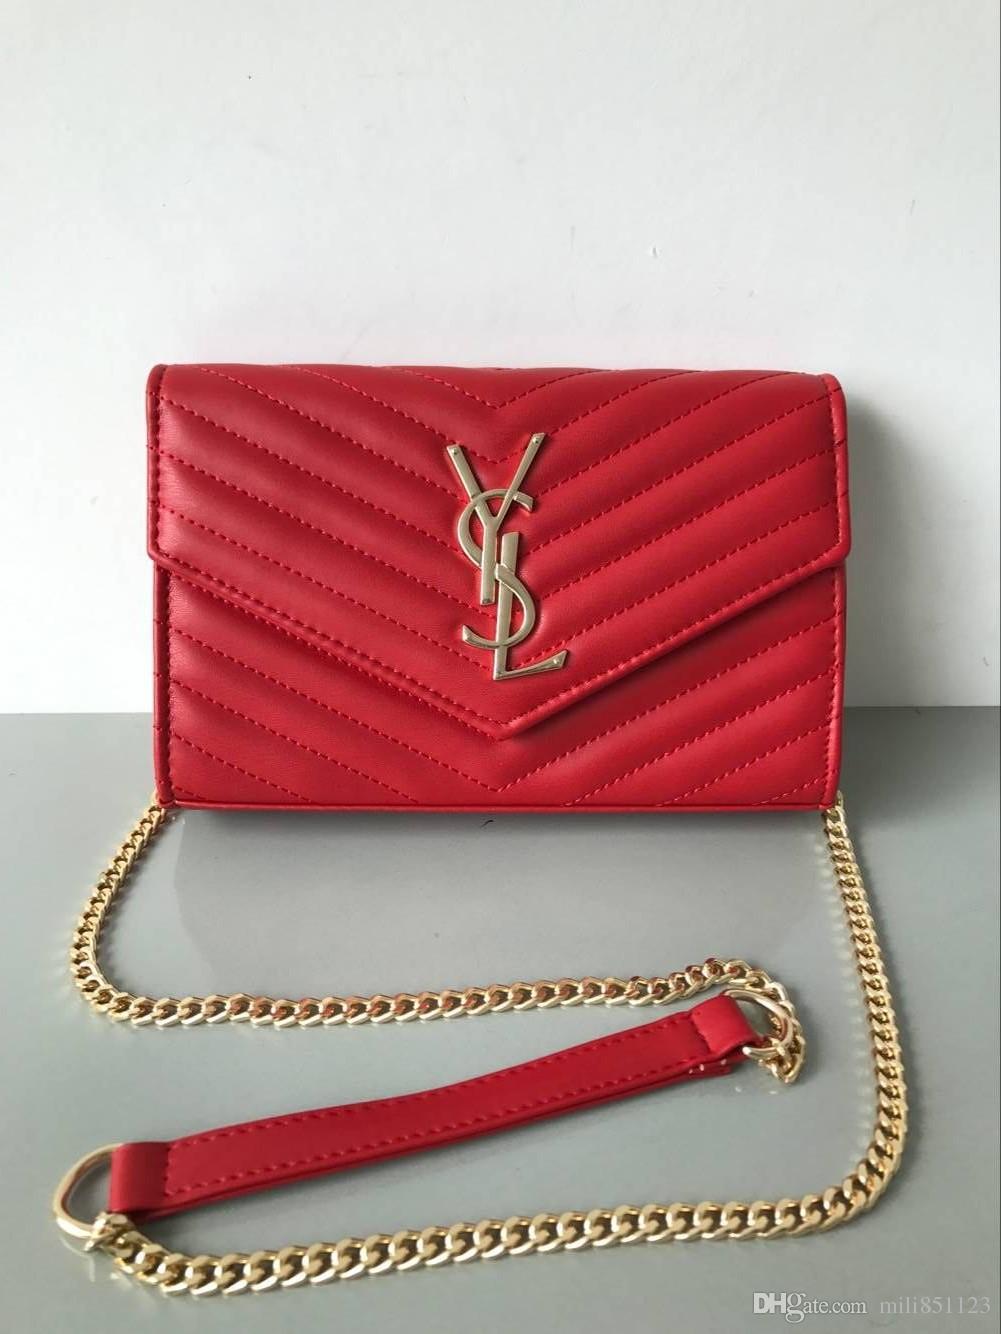 e0cc81c1a35a 2019 Women Handbag Handbag Ladies Designer Designer Handbag High ...